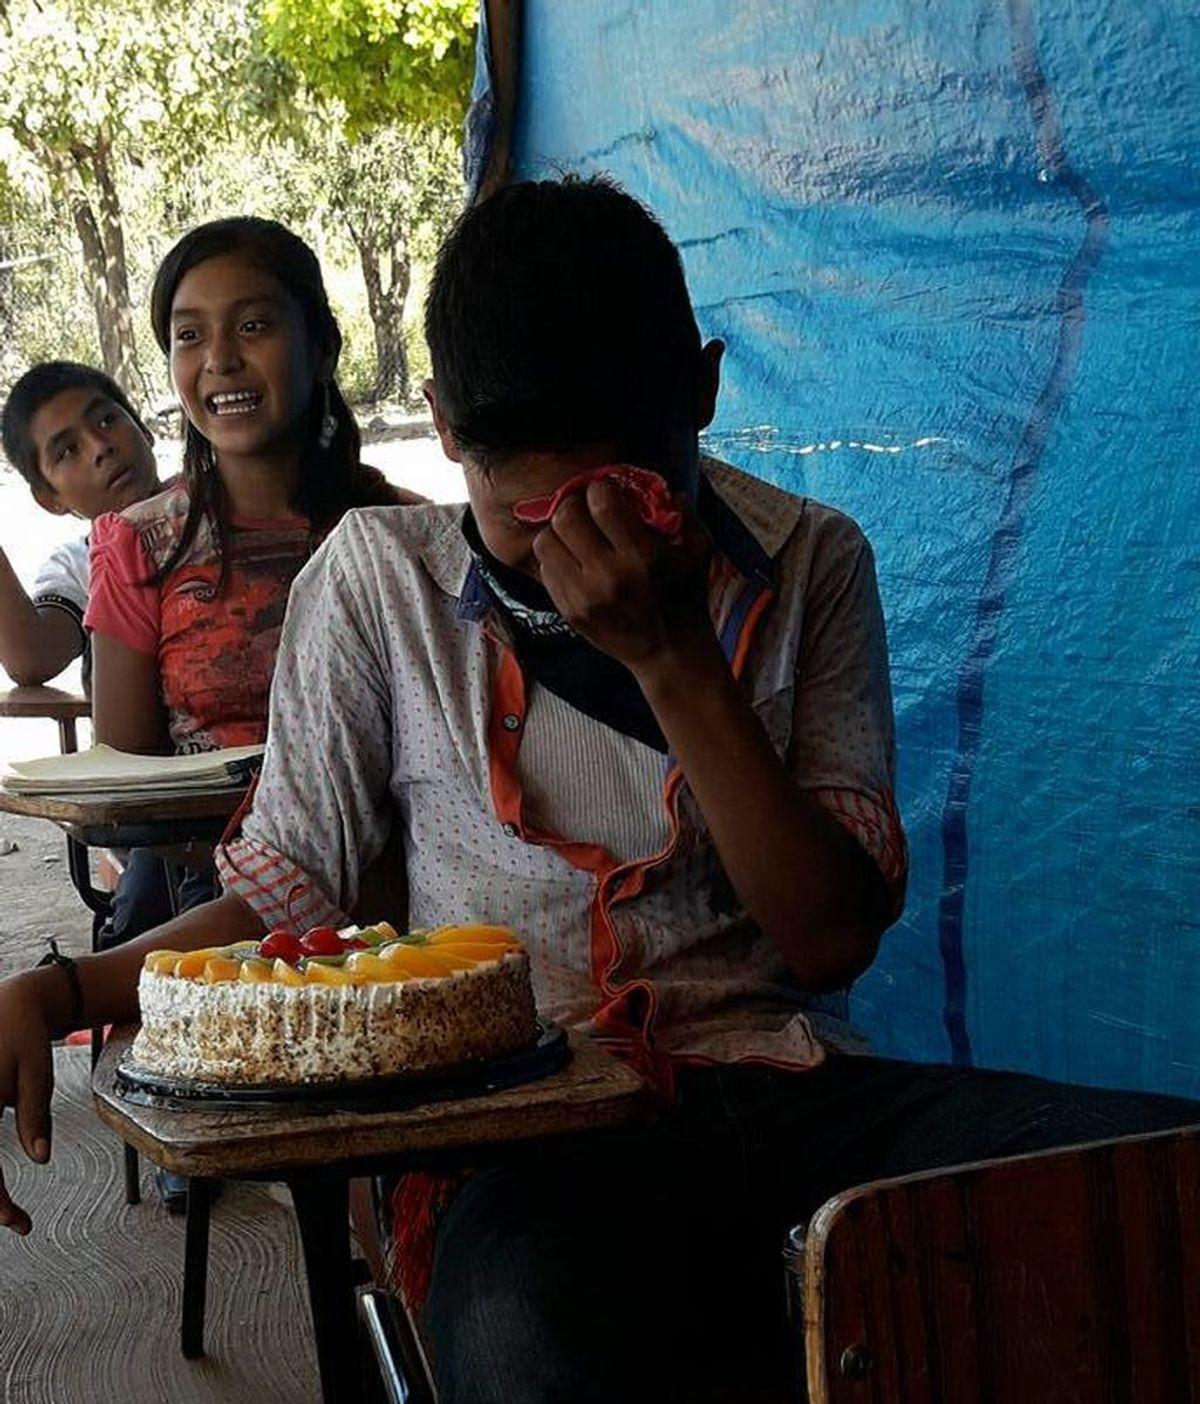 Un niño llora de alegría al recibir una tarta de cumpleaños por primera vez